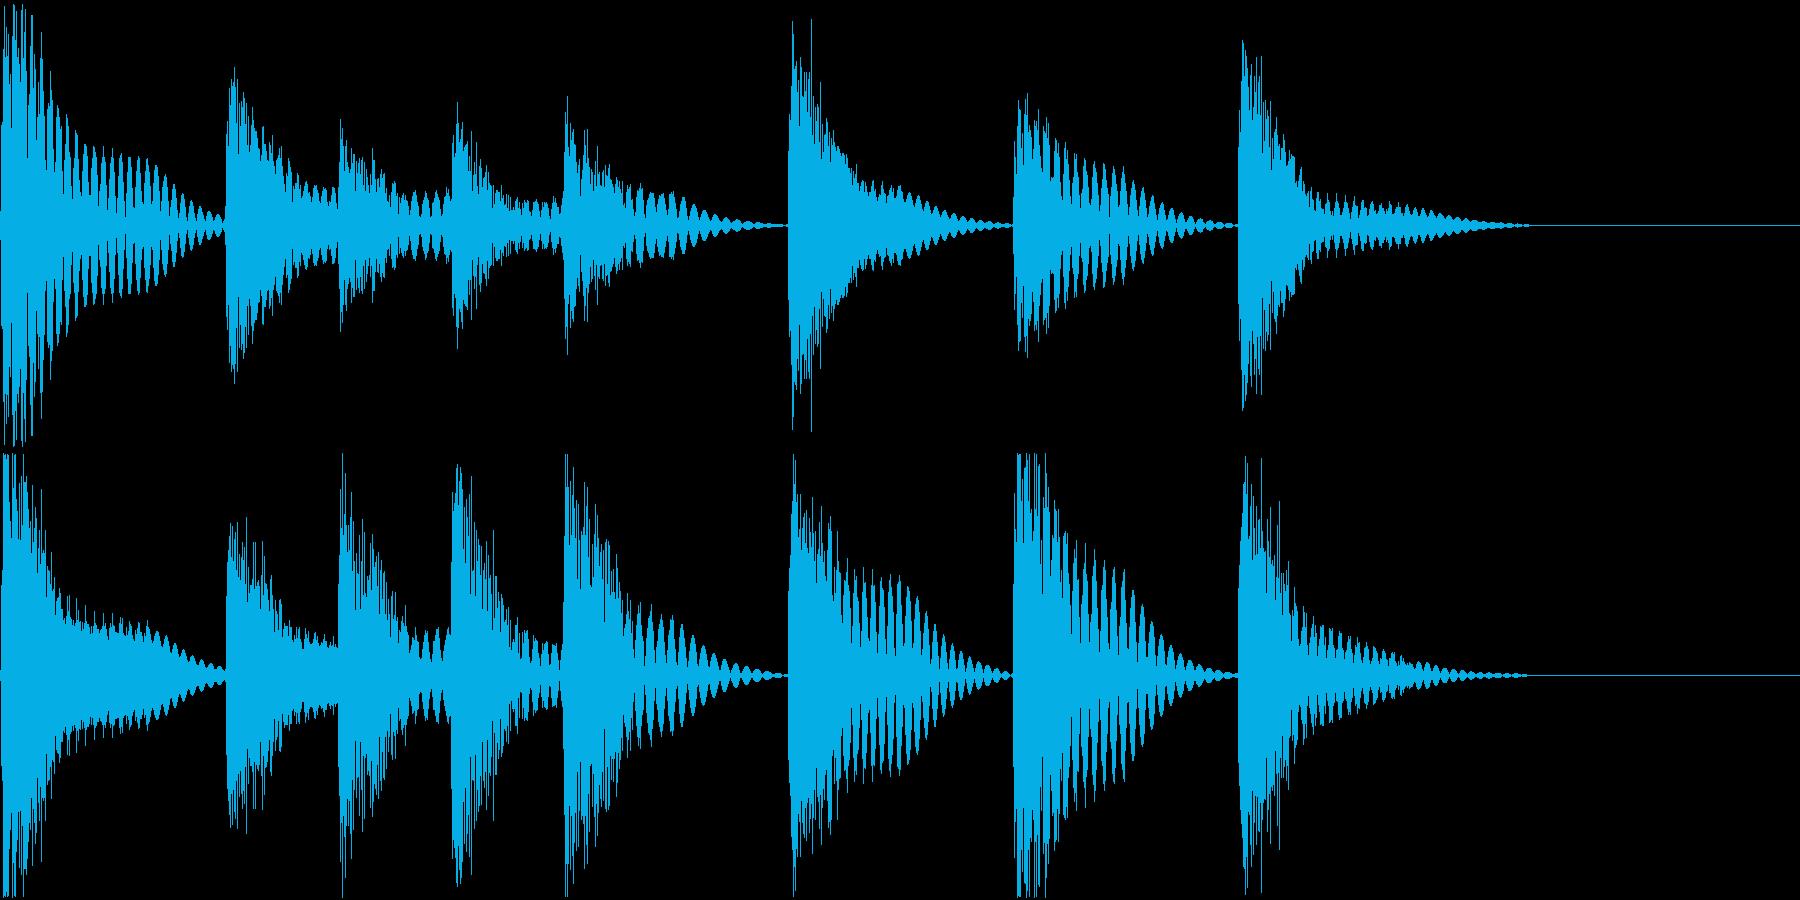 着信音 ループ お知らせ 通知 海 1の再生済みの波形